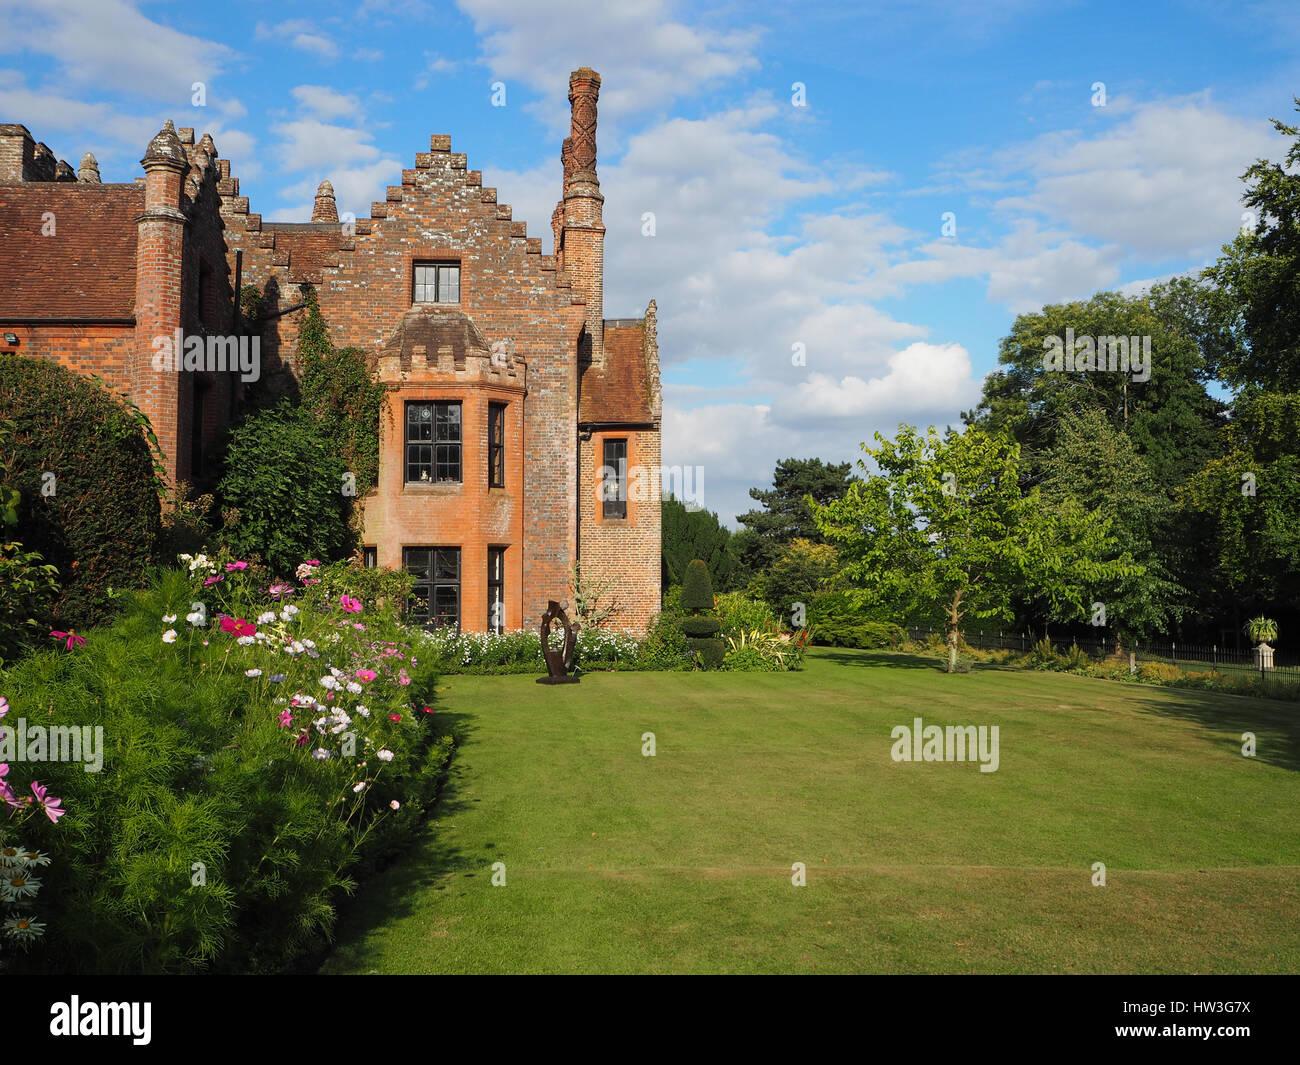 Baum Und Garten chenies manor und garten in der späten nachmittagssonne zeigt der